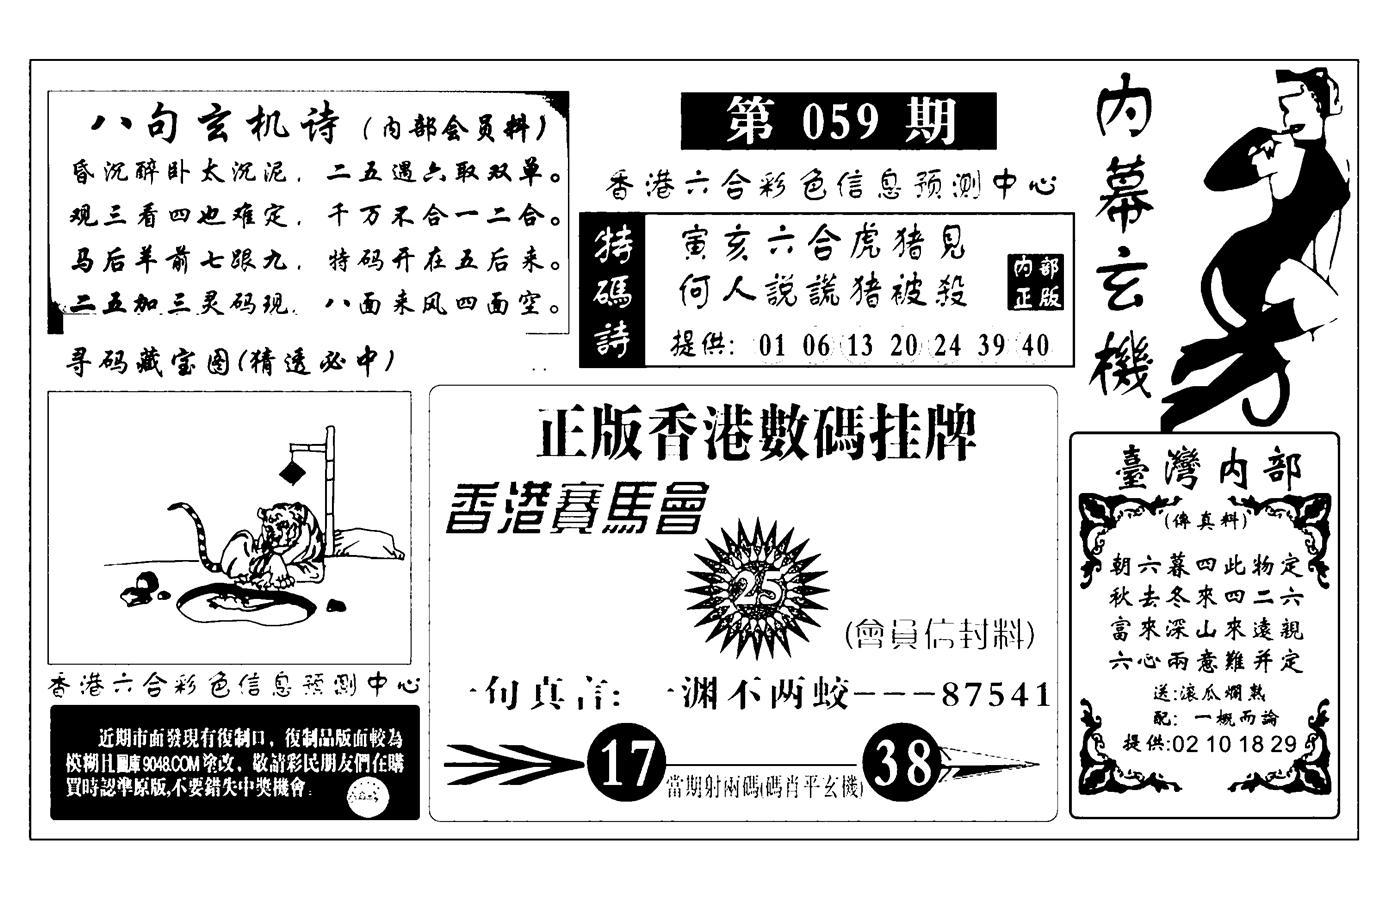 059期内幕玄机报(黑白)